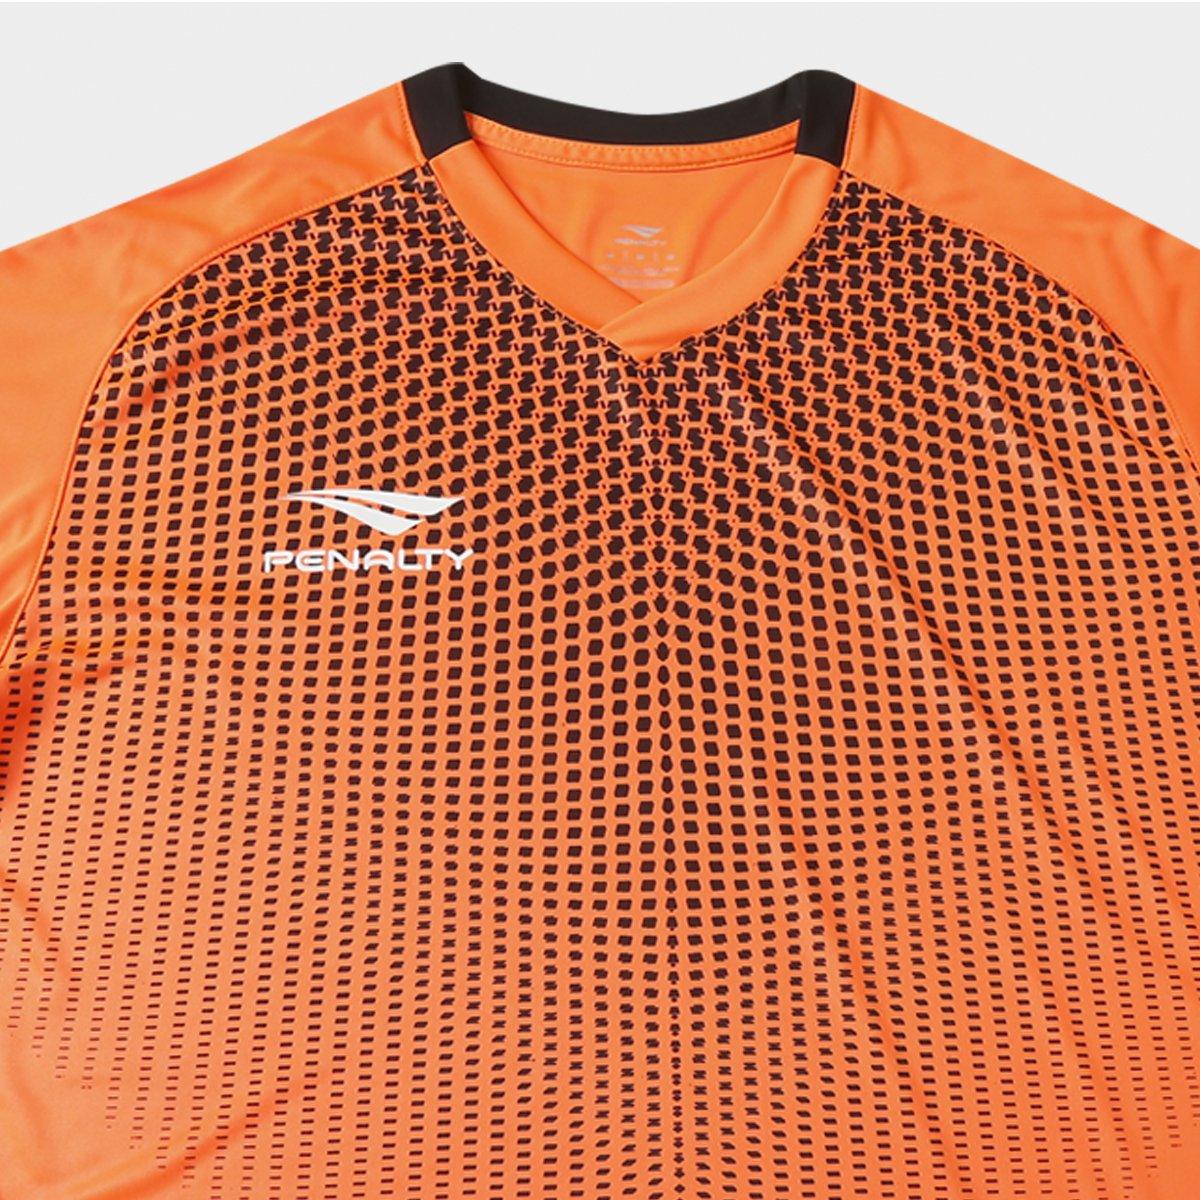 Camisa Penalty Goleiro Mc Delta 6 - Compre Agora  ae9e8e92d0aee